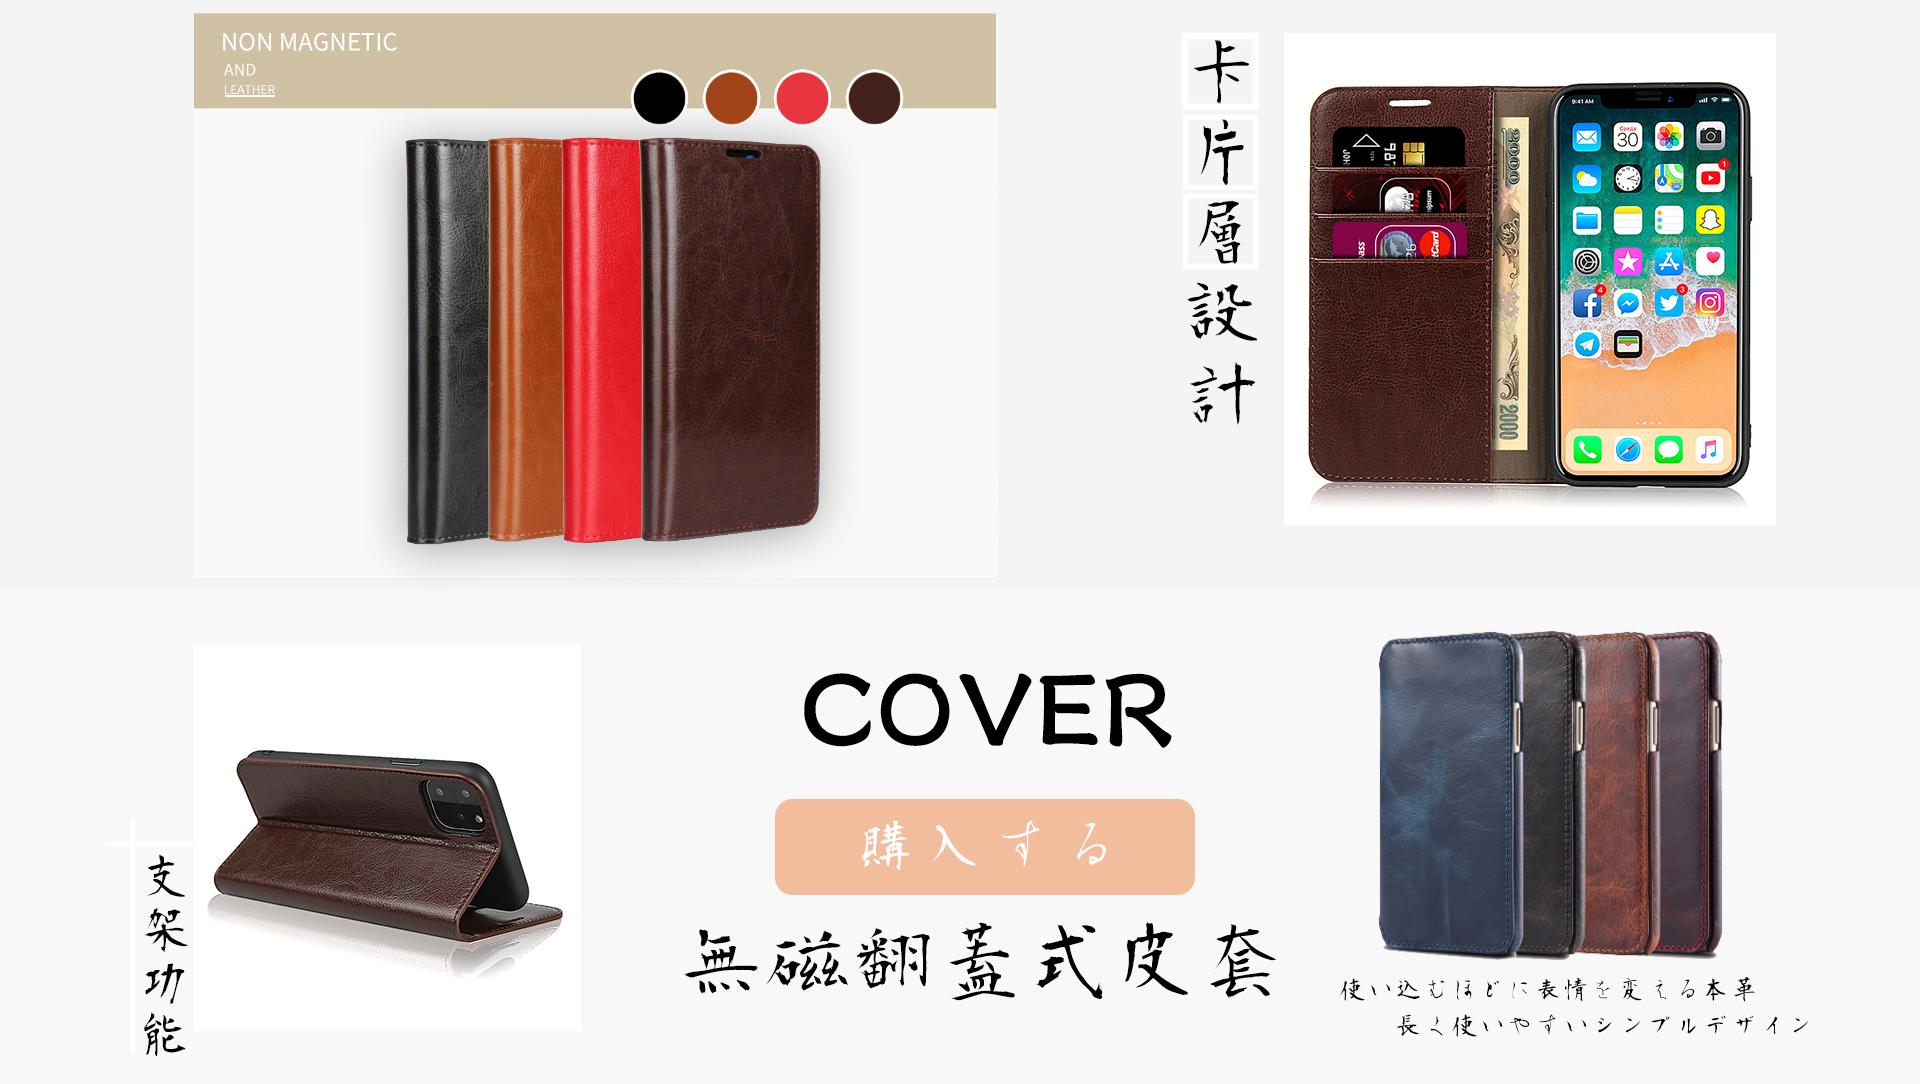 皮革保護套(COVER) - 翻蓋無磁皮套